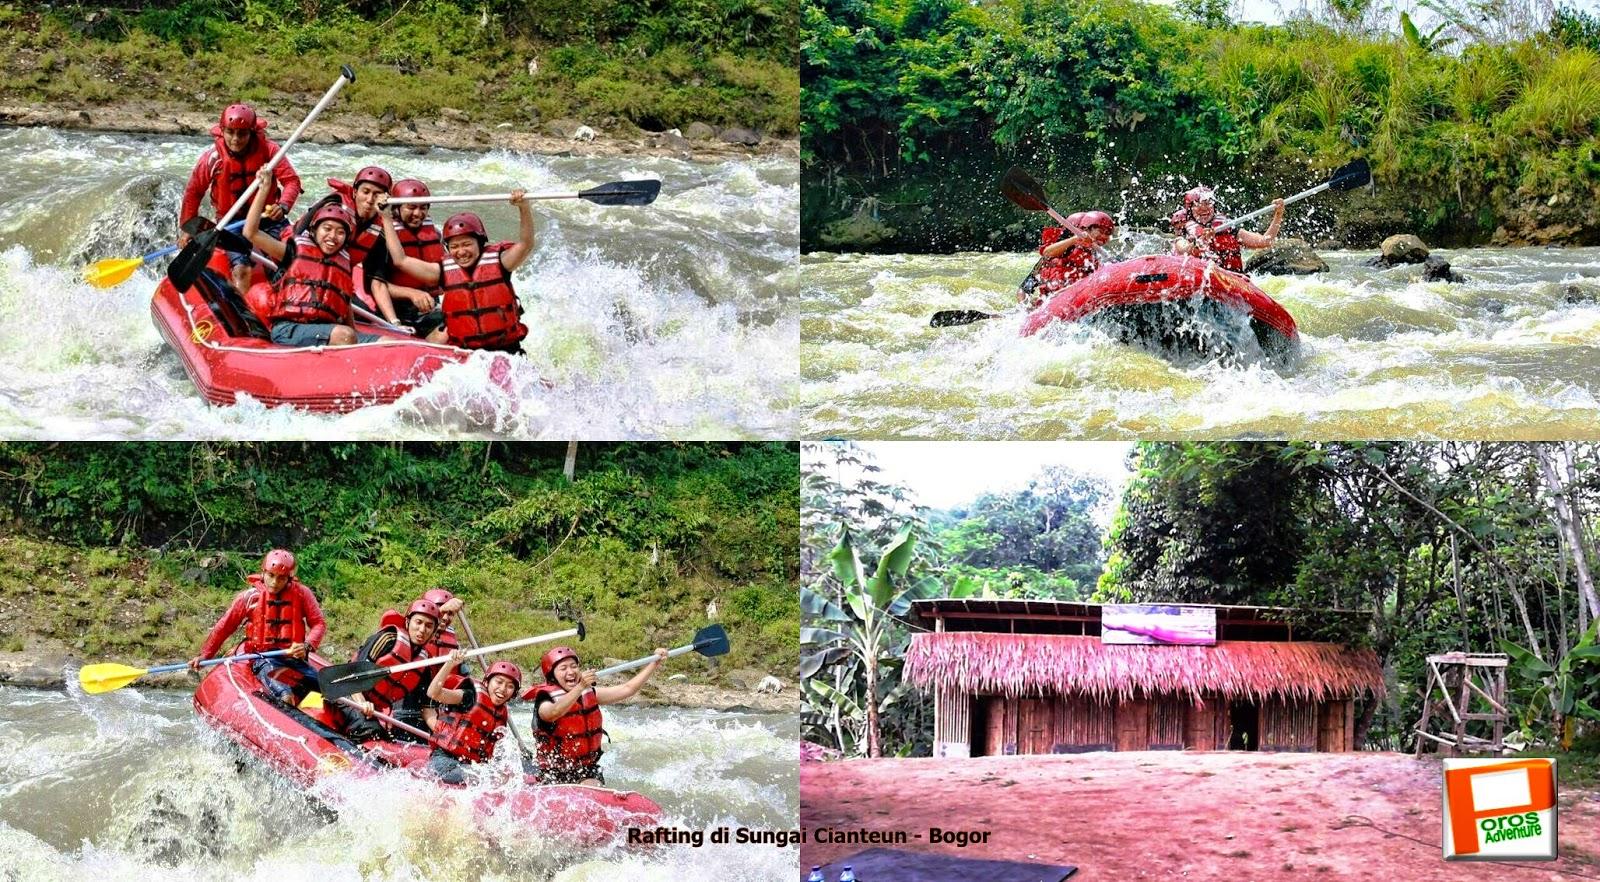 Wisata Arung Jeram Sungai Cianteun Bogor 0856 9140 9060 Jasa